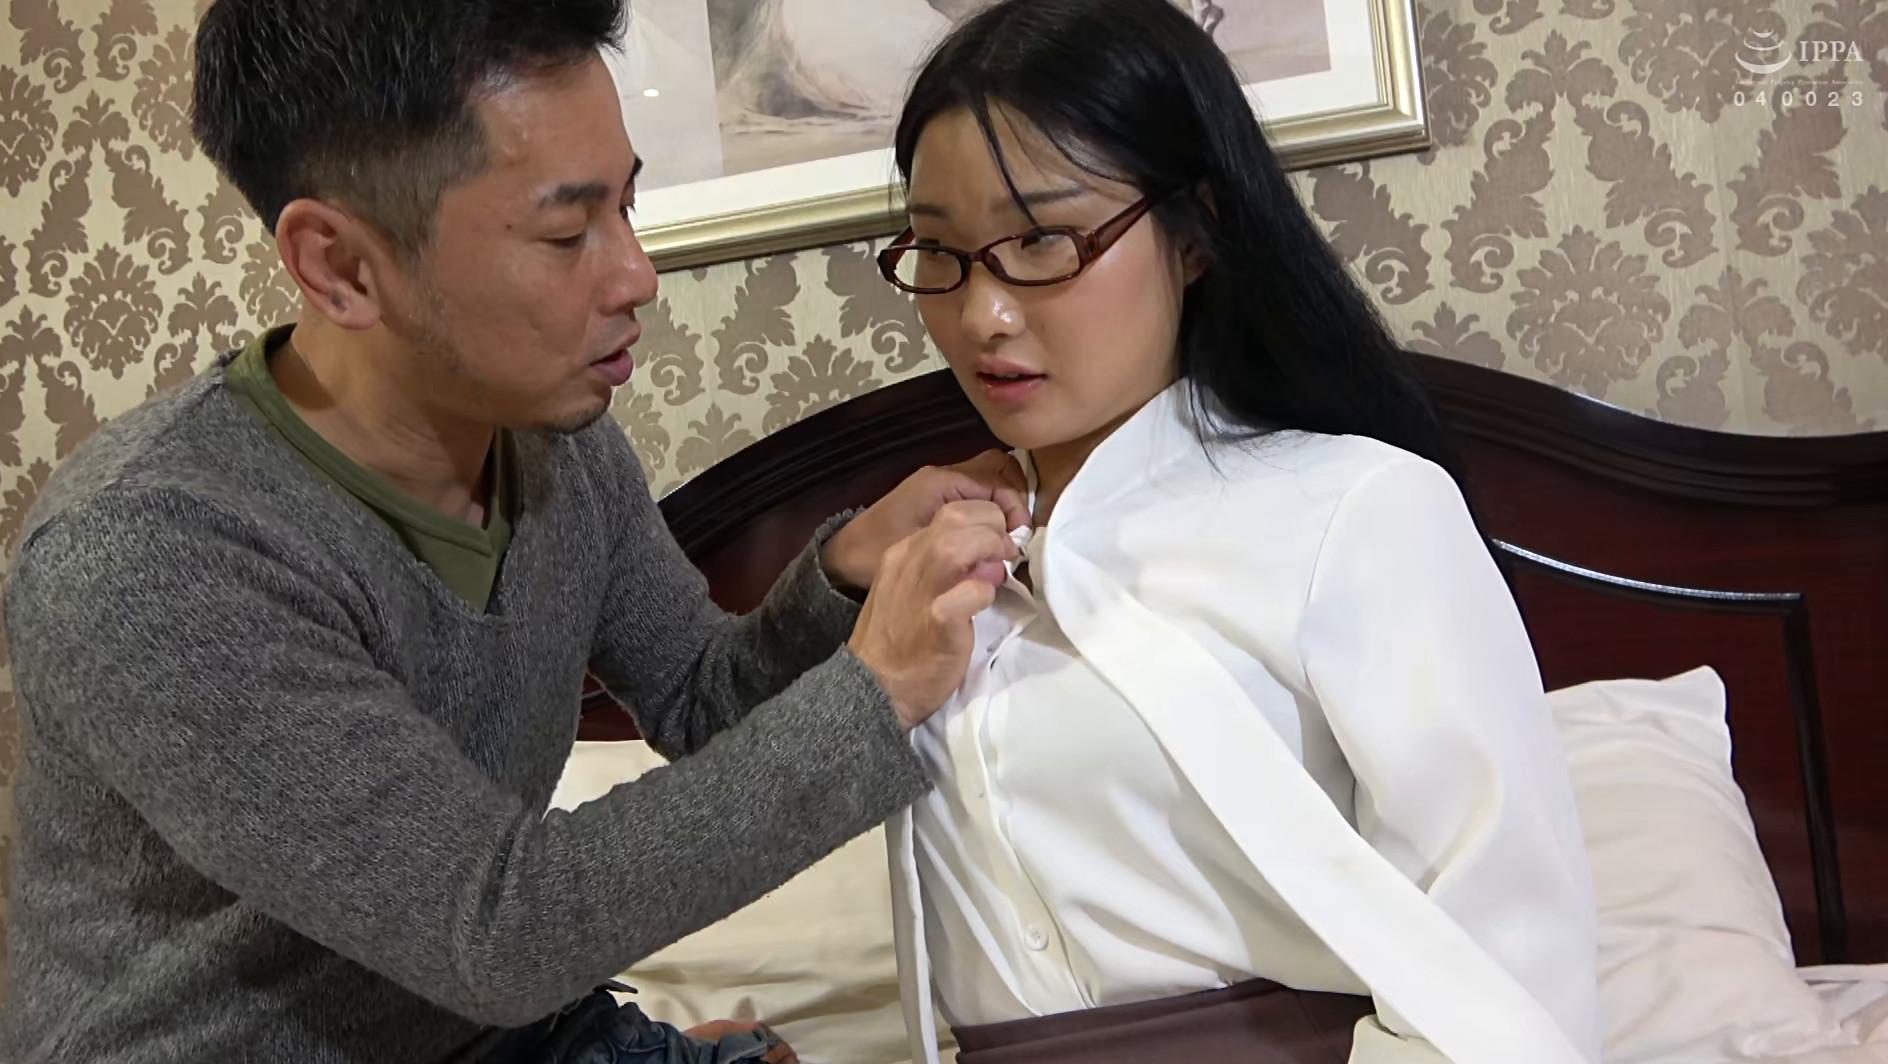 韓国で見つけた読書に夢中な堅物系の彼女は、エッチなこと好きでしょ?の直球質問にドギマギ!見かけによらずヤラしいパンティと舌出しべろちゅーで男をその気にさせる! 画像6